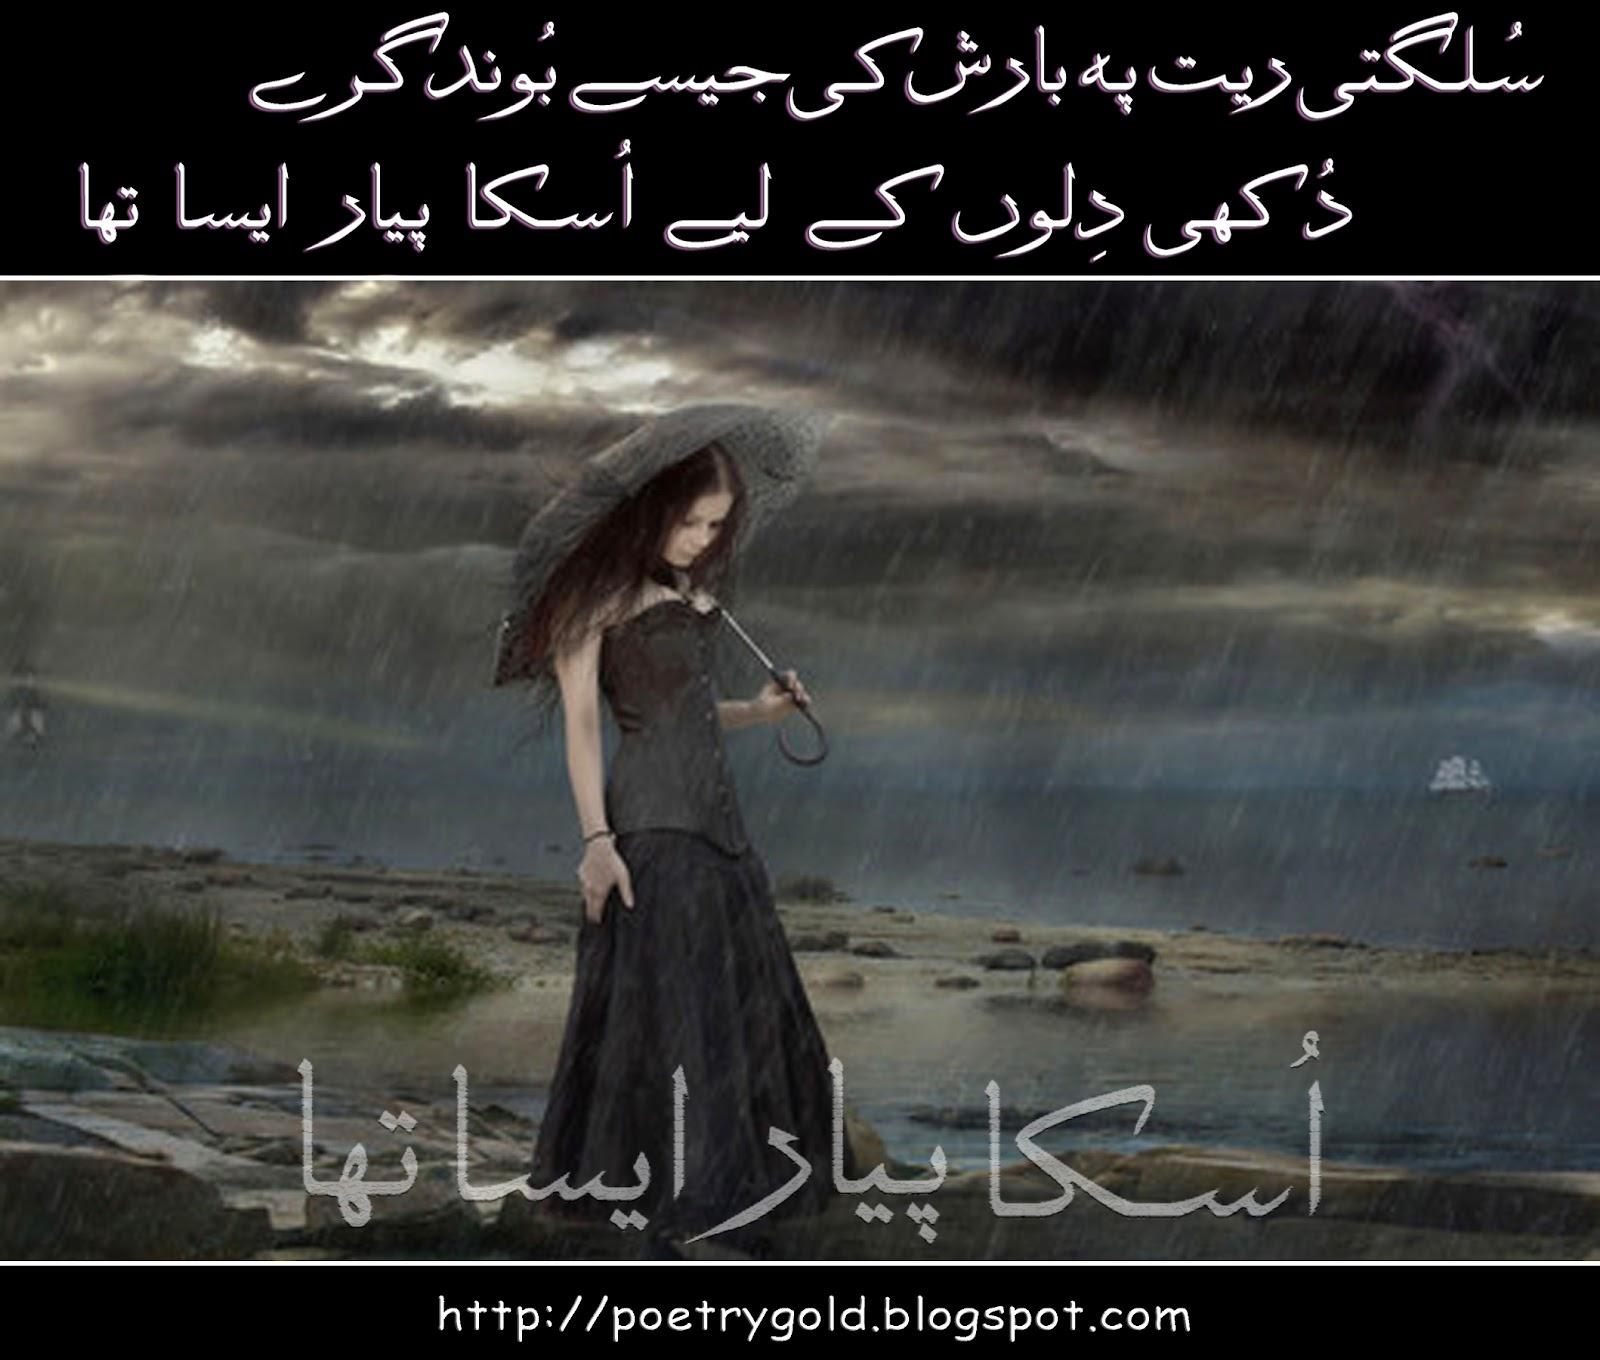 Uska pyar aesa tha urdu poetry shayari ghazal poems sad barsaat poetry in urdu thecheapjerseys Choice Image